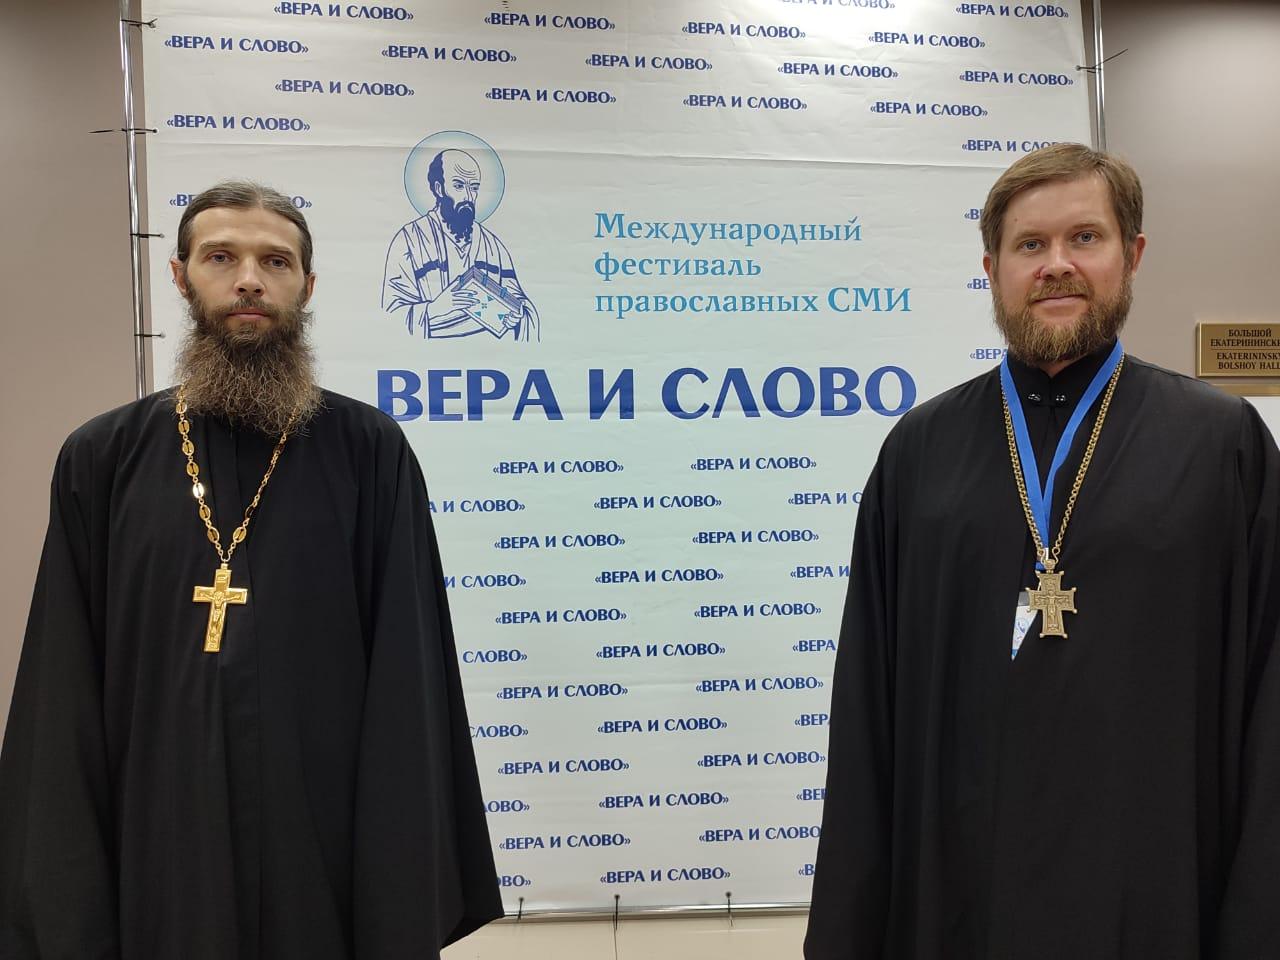 Состоялась торжественная церемония открытия IX Международного фестиваля «Вера и слово»